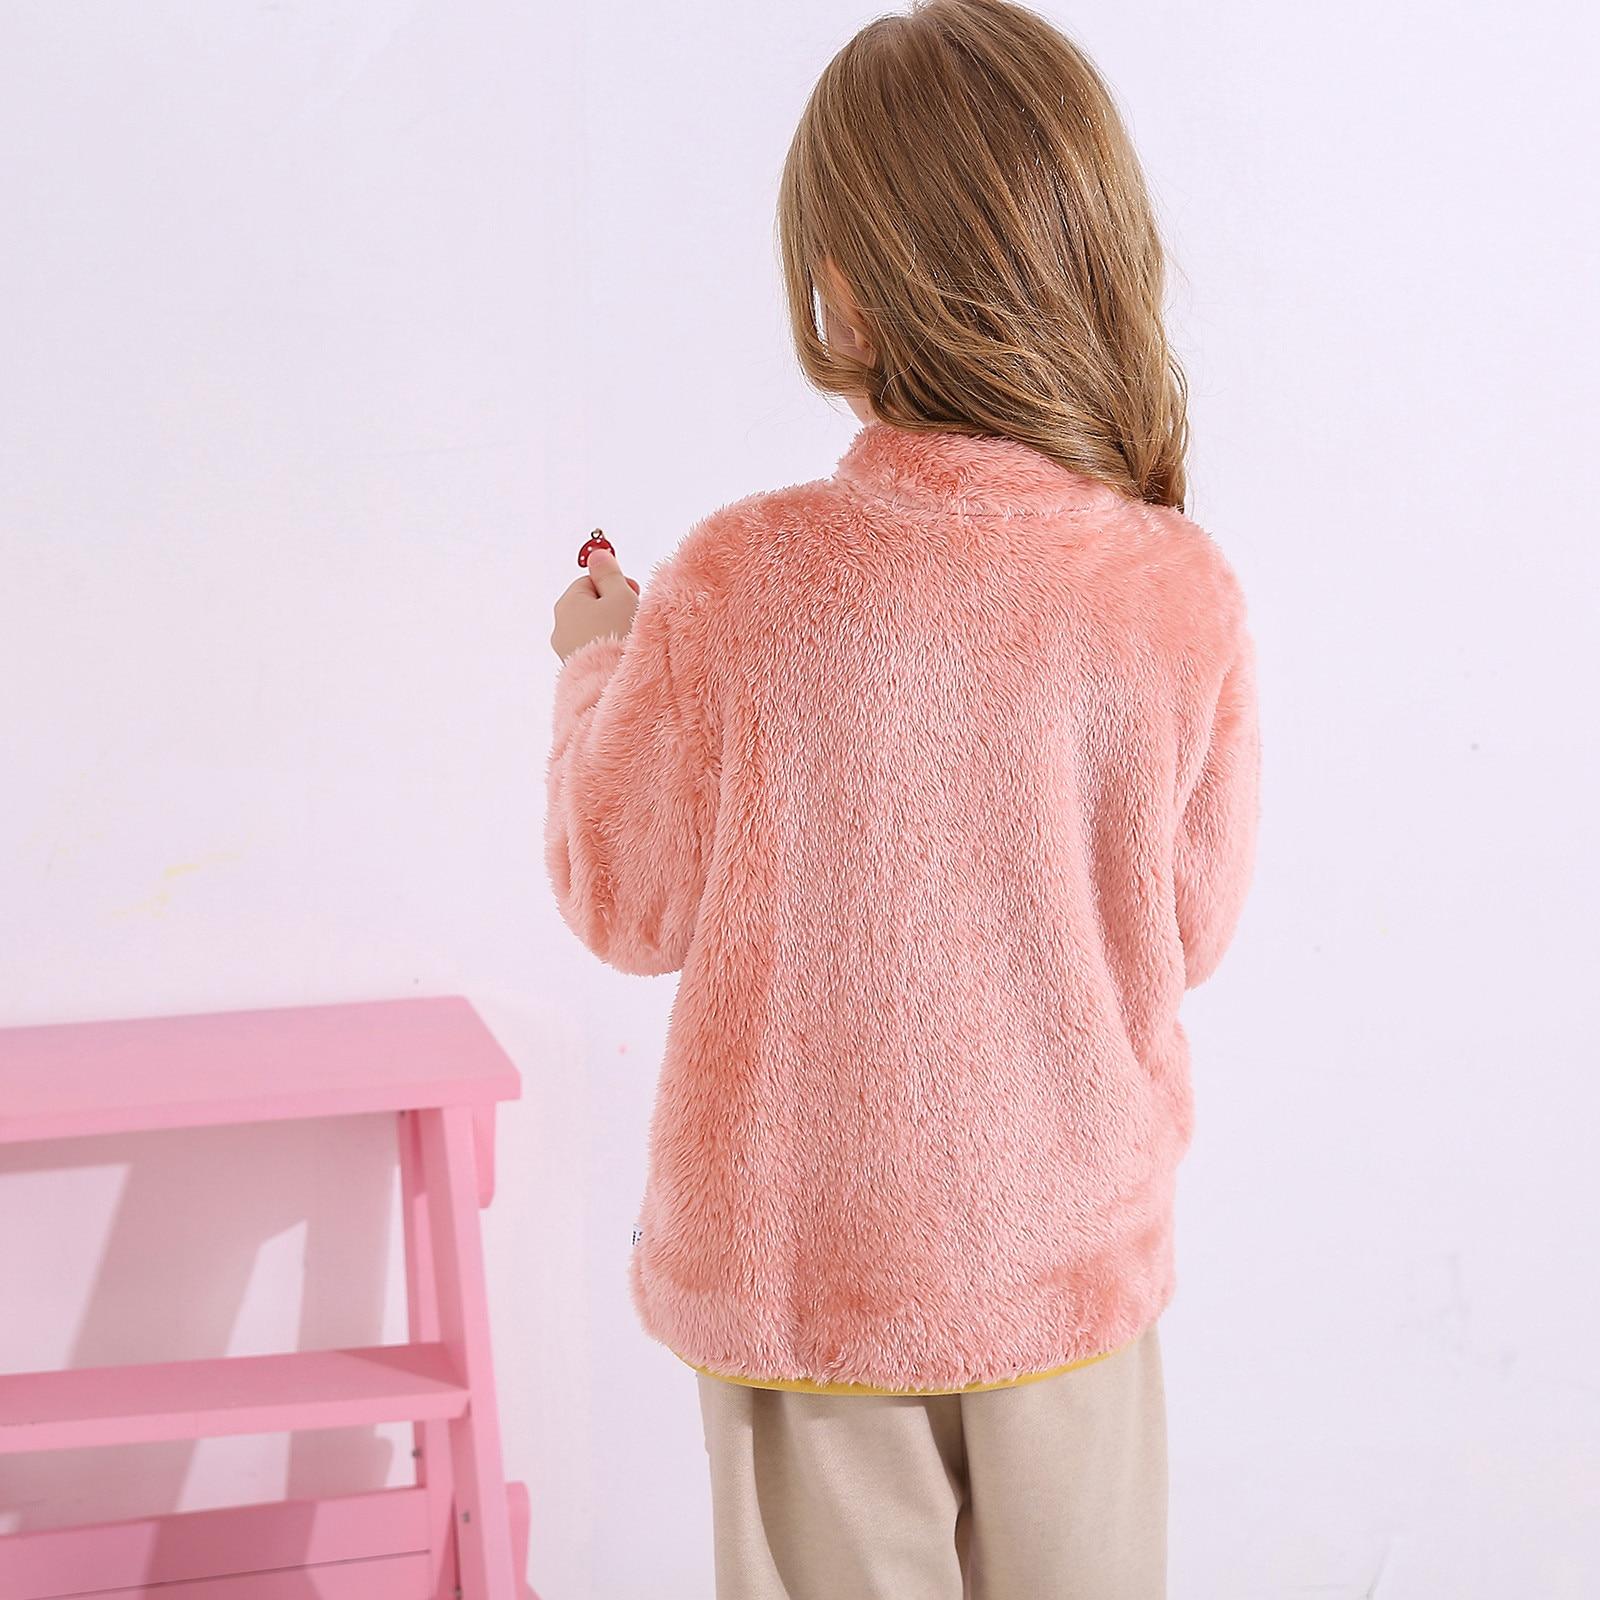 Пальто для детей; Детская одежда; Теплые фланелевые Зимние флисовые куртки для маленьких мальчиков и девочек; Толстовка; Плотные пальто; куртка для девочек-2